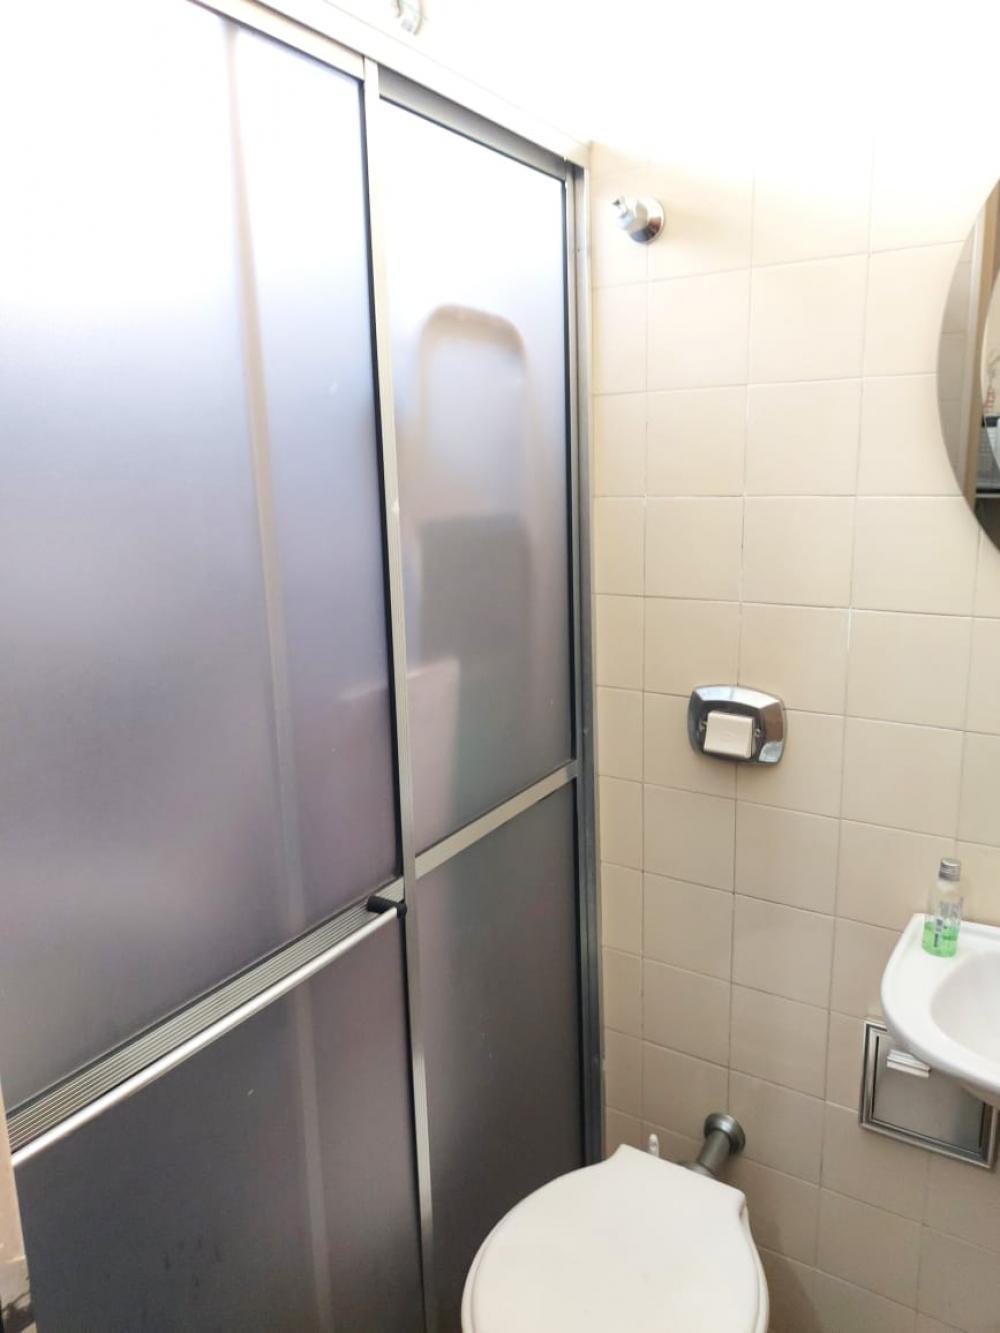 Comprar Apartamento / Padrão em Ribeirão Preto R$ 333.000,00 - Foto 16